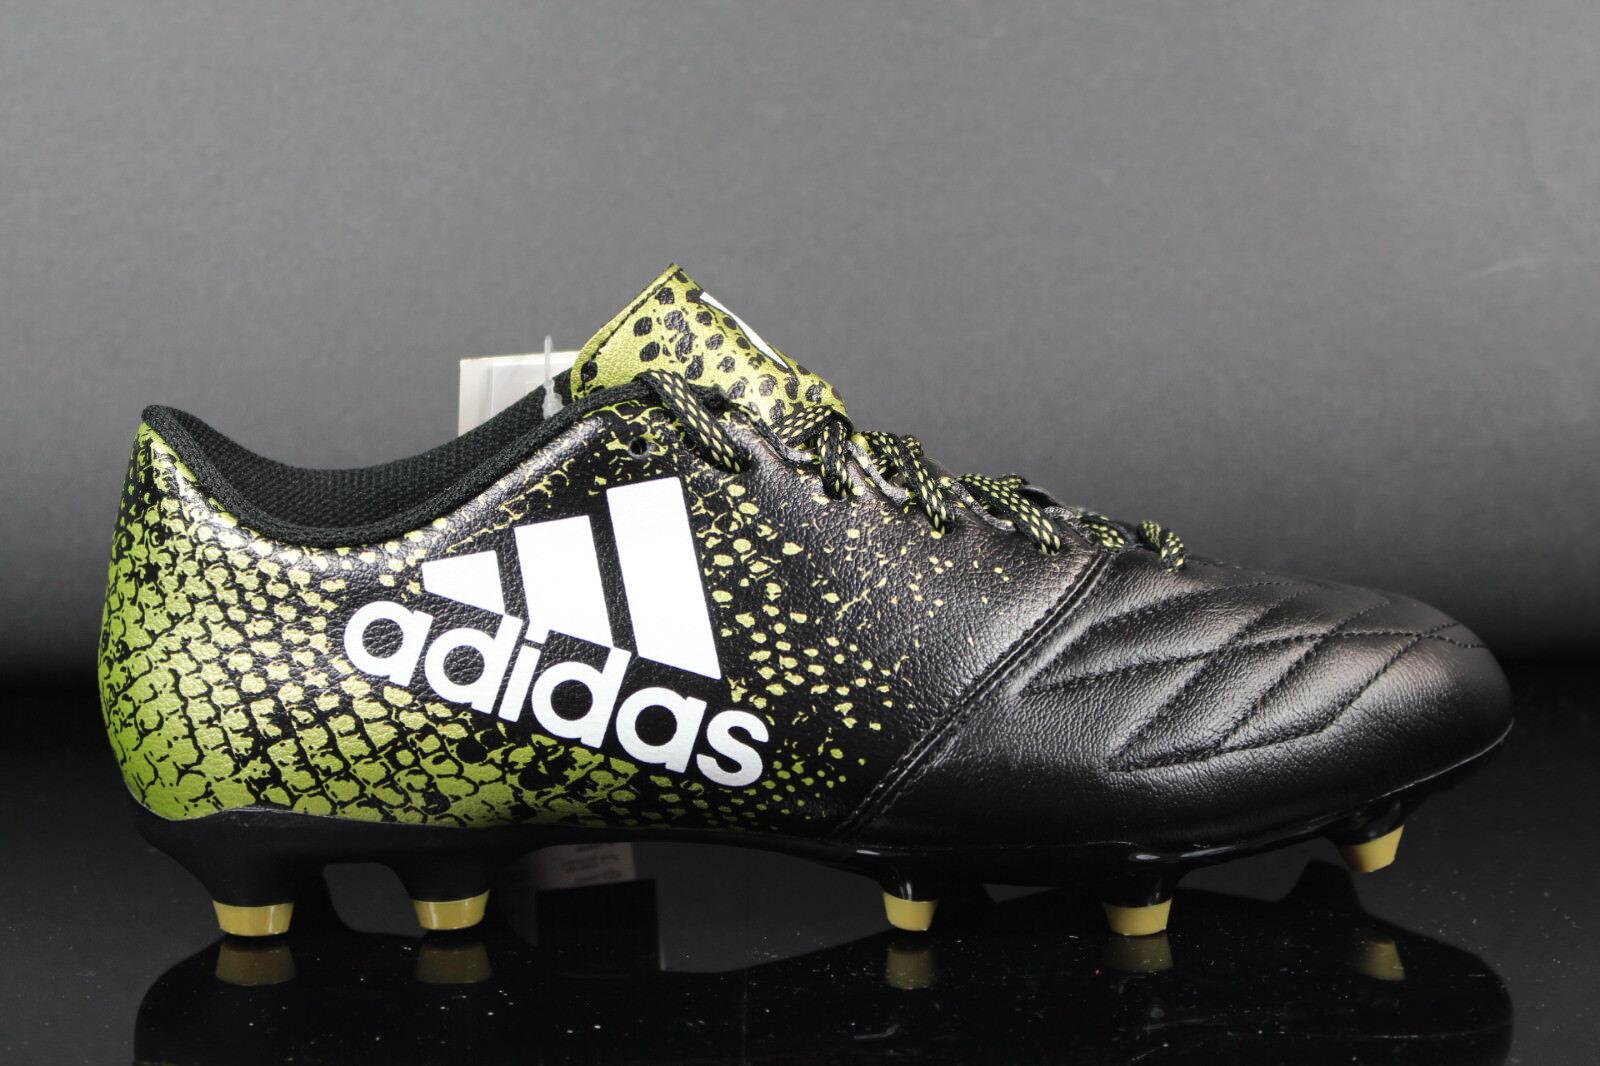 NUOVO Adidas x 16.3 Fg in pelle uomo sautopette da calcio Sautope bb4195 Nero